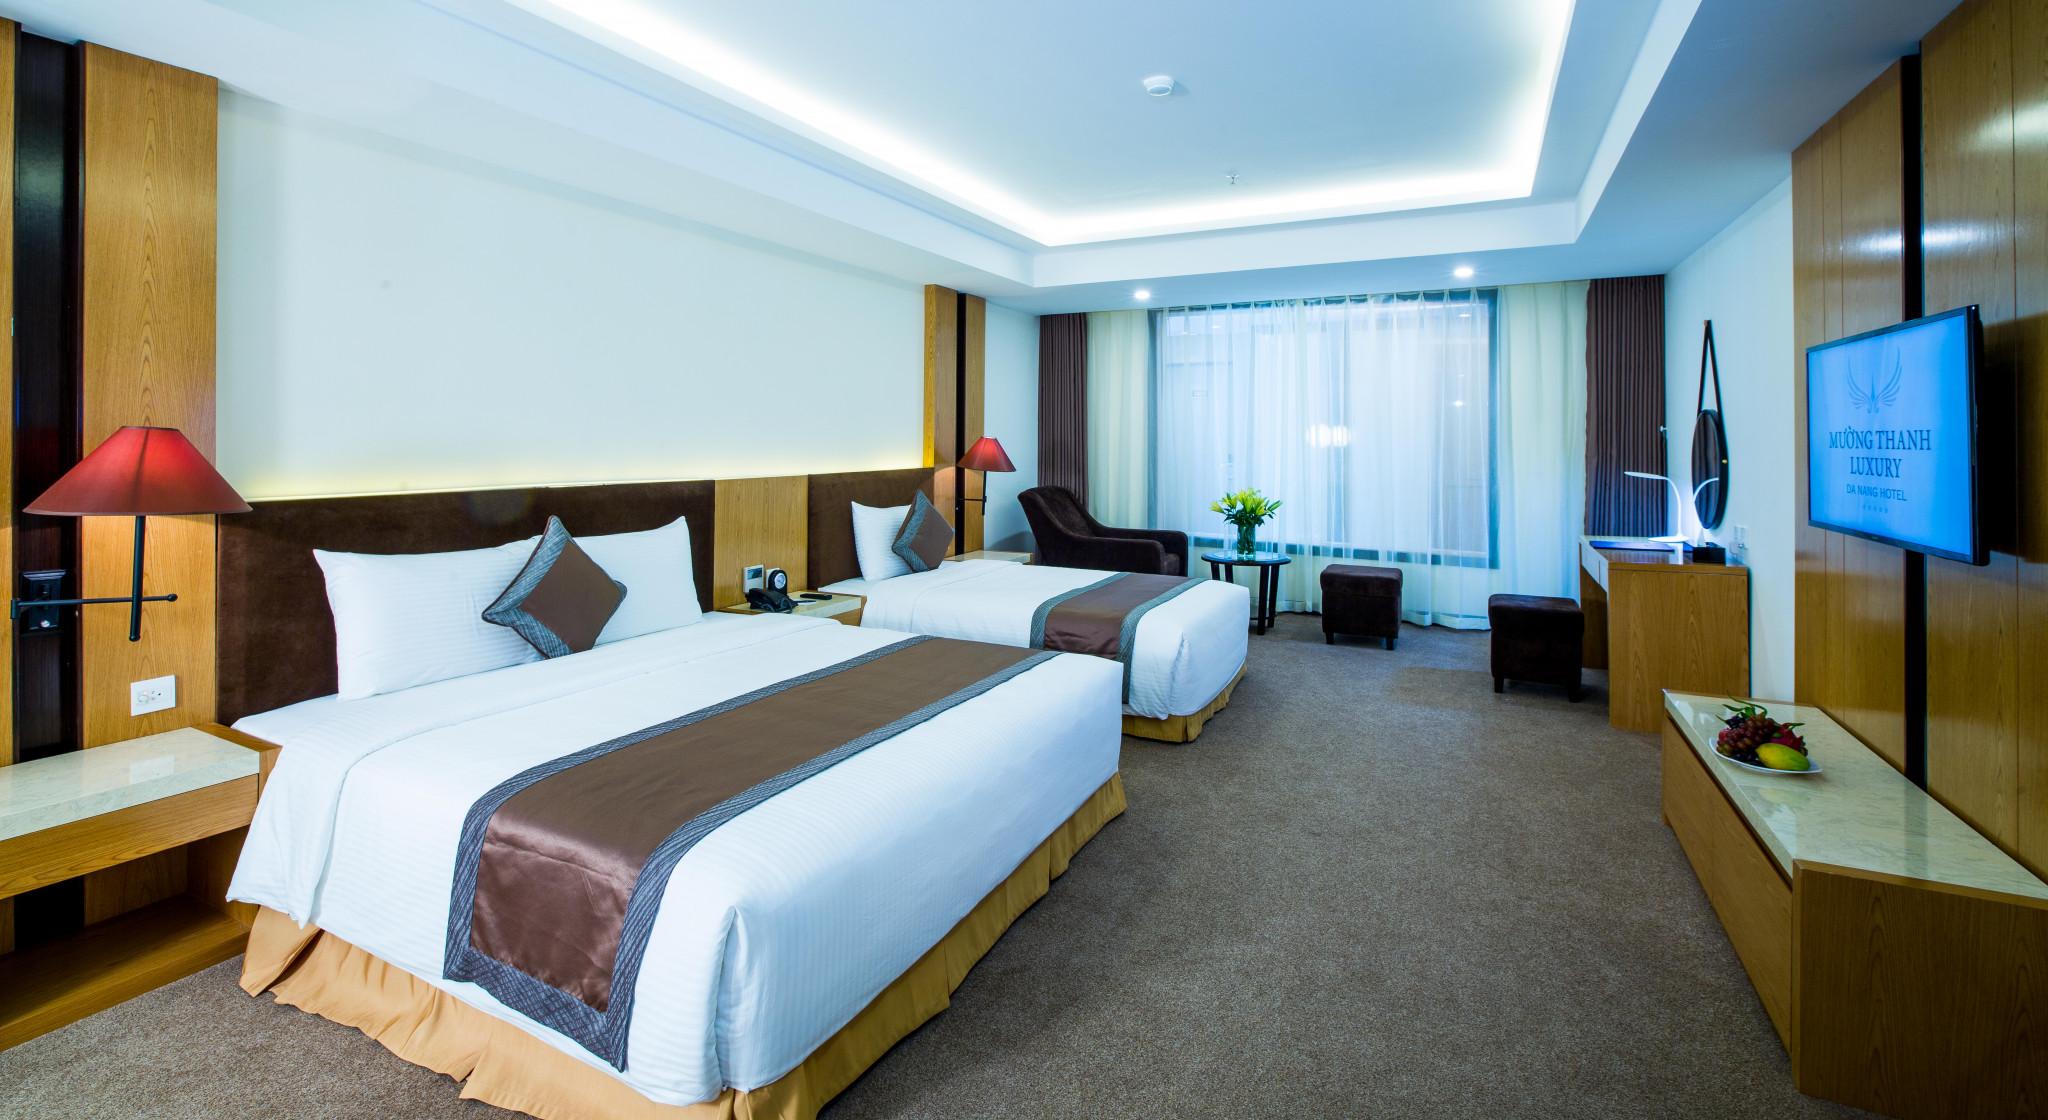 Đánh giá trực tuyến và tầm quan trọng của việc quản lý cho khách sạn